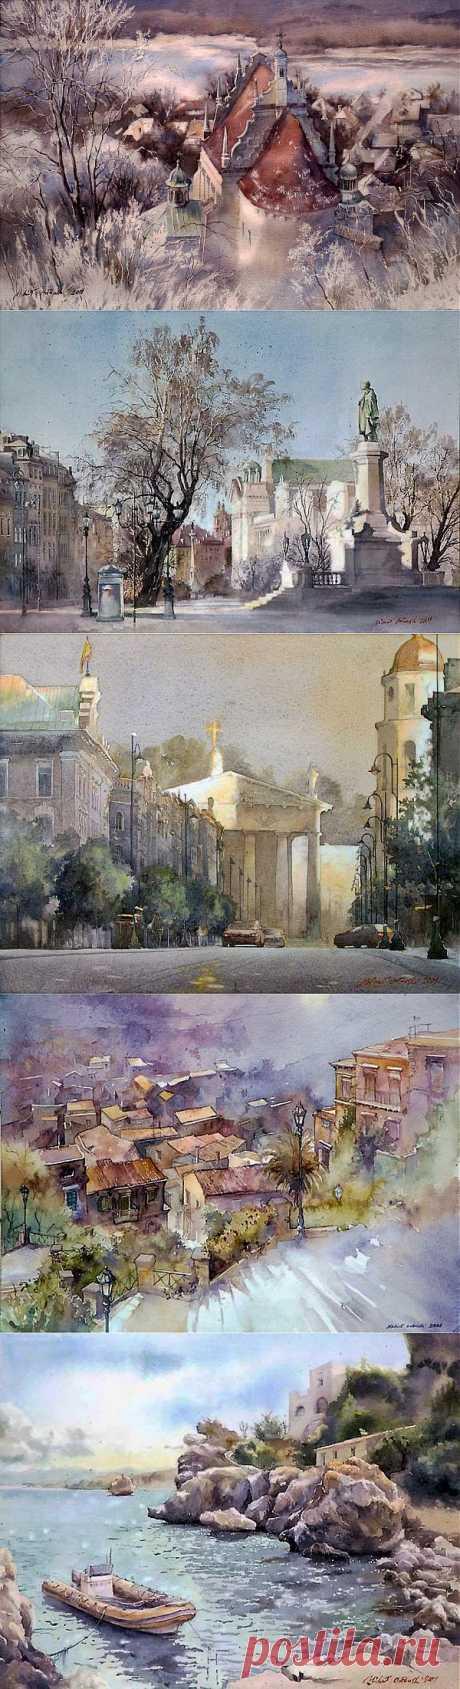 (+1) - Акварели Майкла Орловского | Искусство